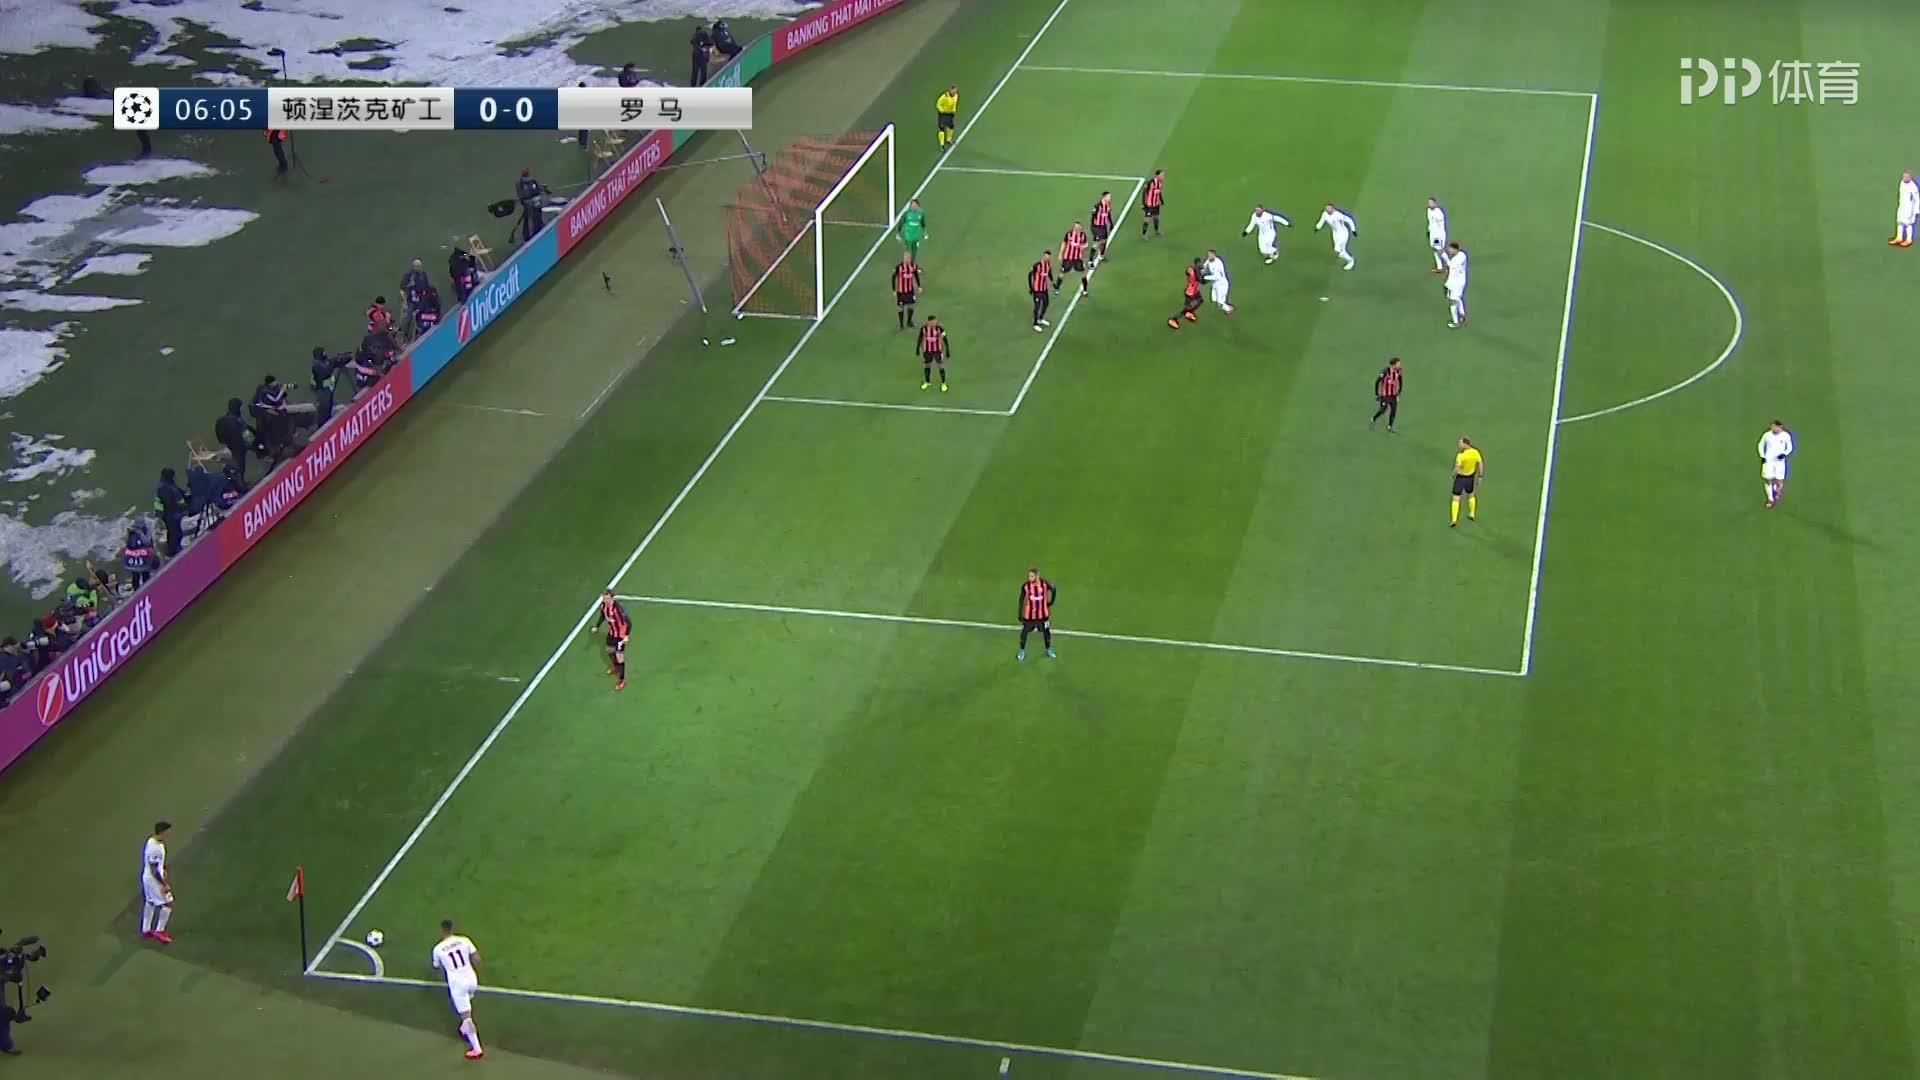 欧冠-1718赛季-淘汰赛-八分之一决赛首回合-顿涅茨克矿工2: 1罗马-精华(石庆圣